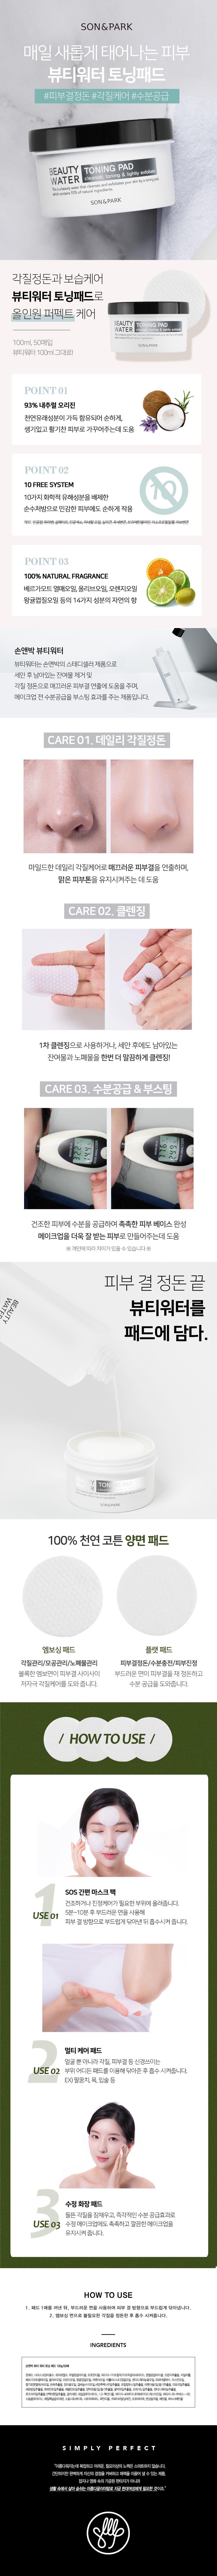 손앤박 뷰티워터 토닝패드(50매) + 마스크팩 5매 - 손앤박, 14,900원, 마스크/팩, 시트마스크